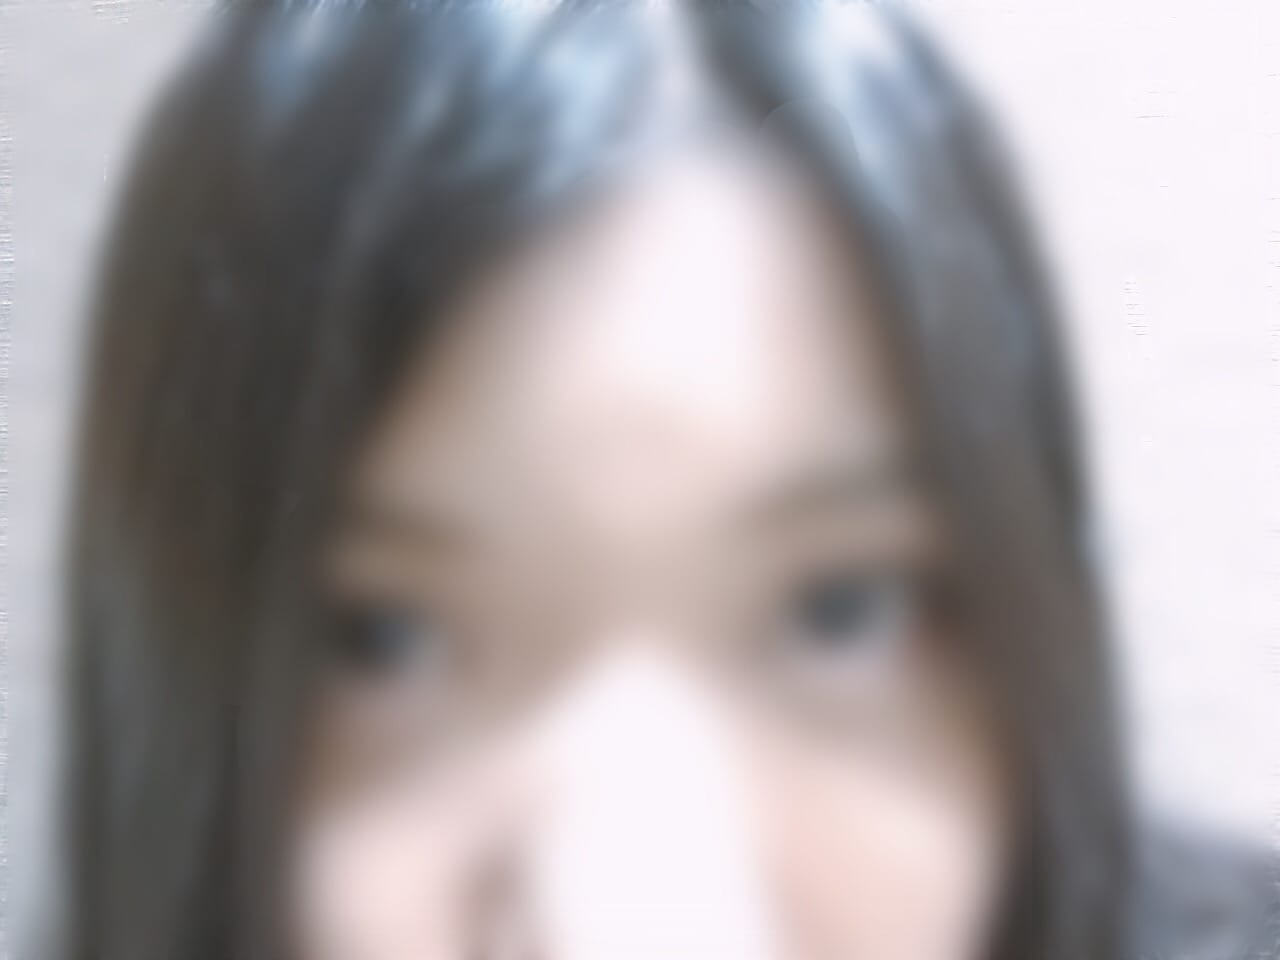 さき「さき」11/17(土) 11:39 | さきの写メ・風俗動画